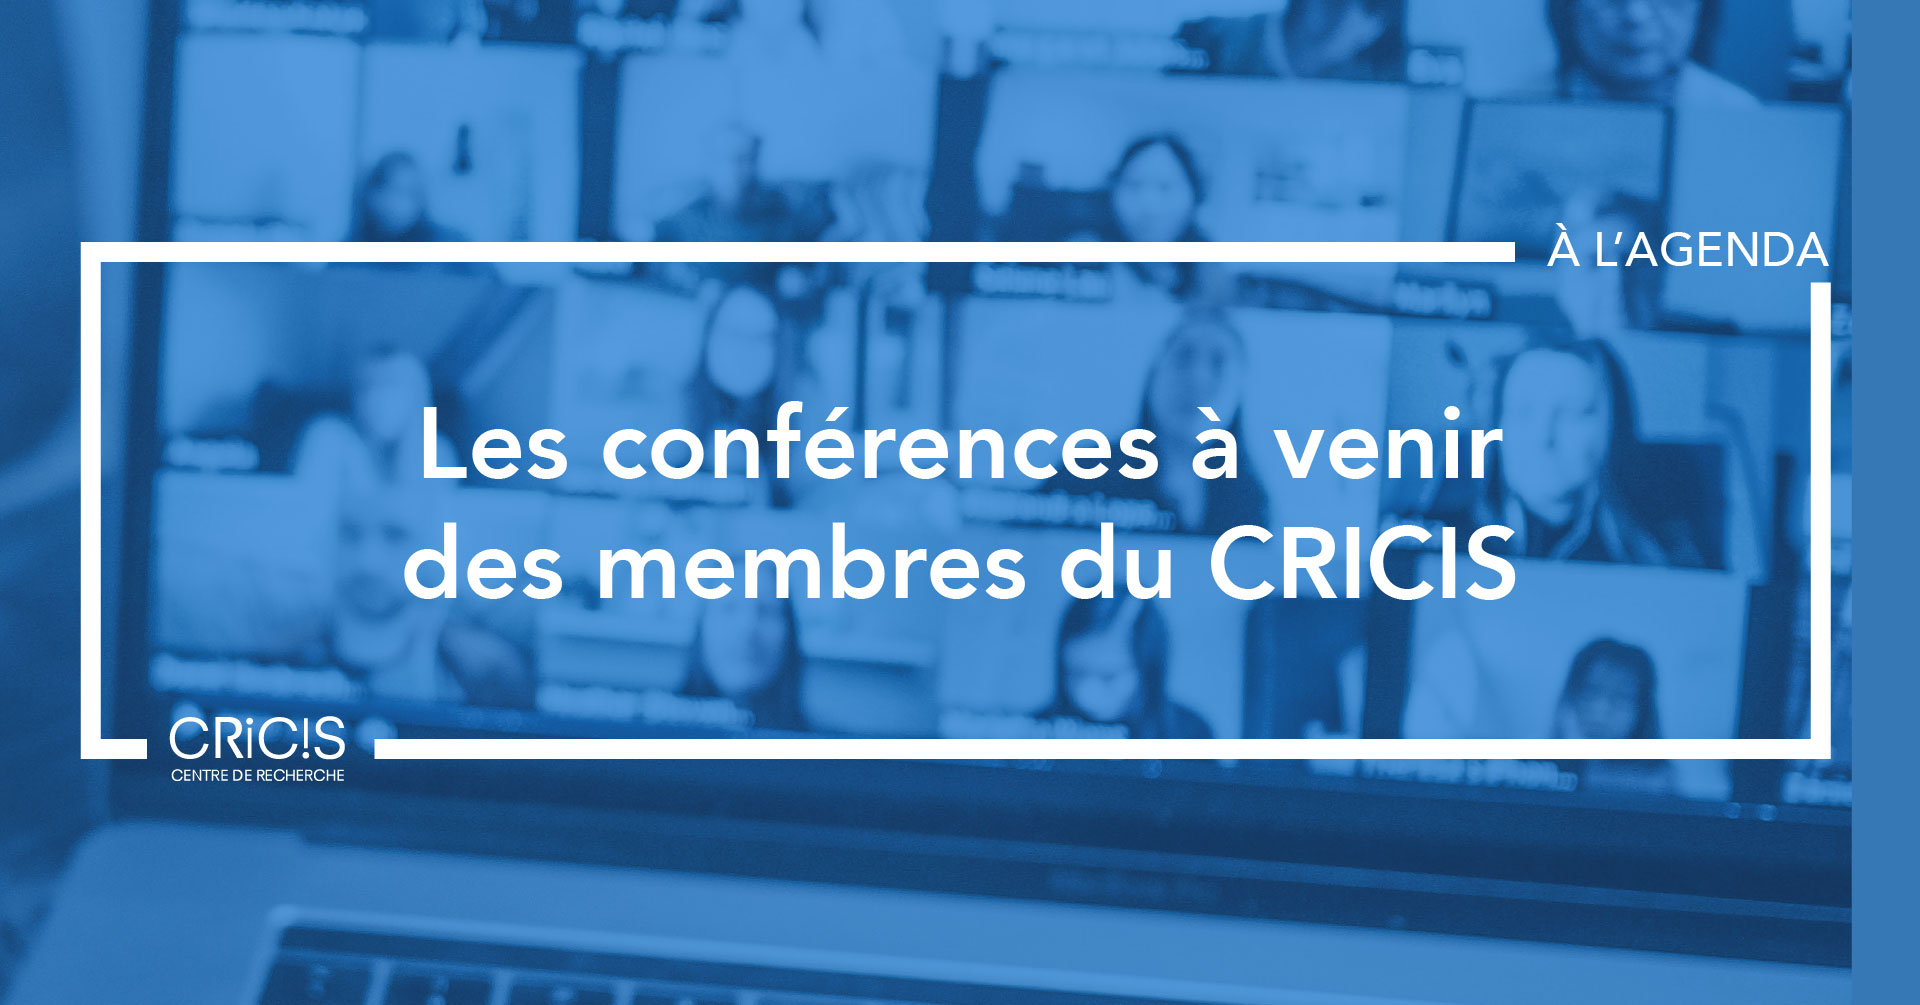 mdl-CRICIS-Banniere-web-conferences